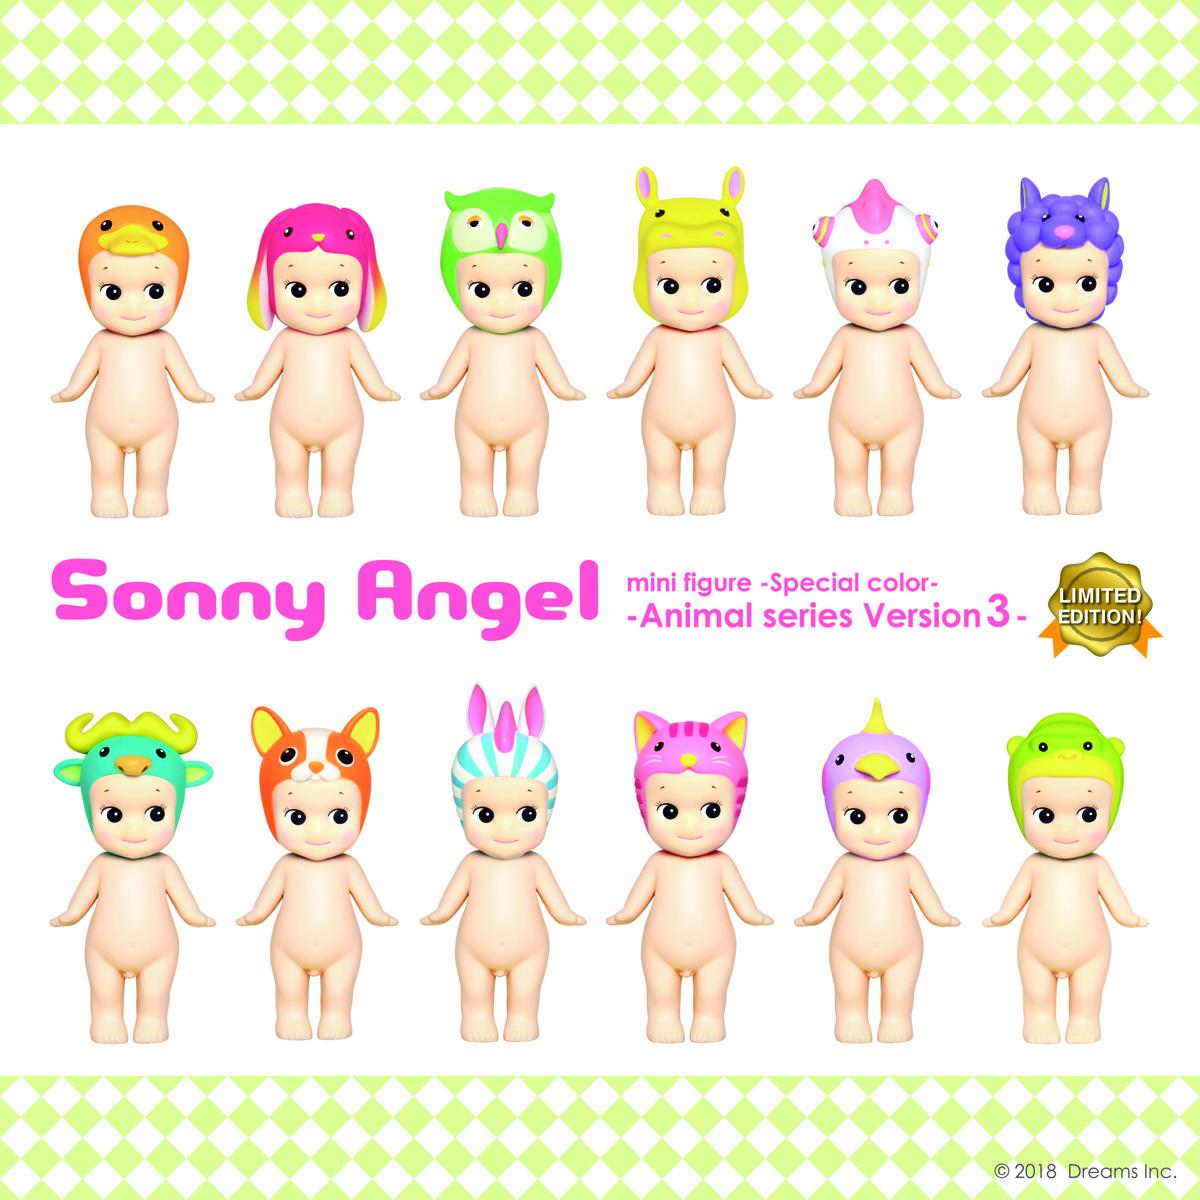 sa_ani3_special_color_image02